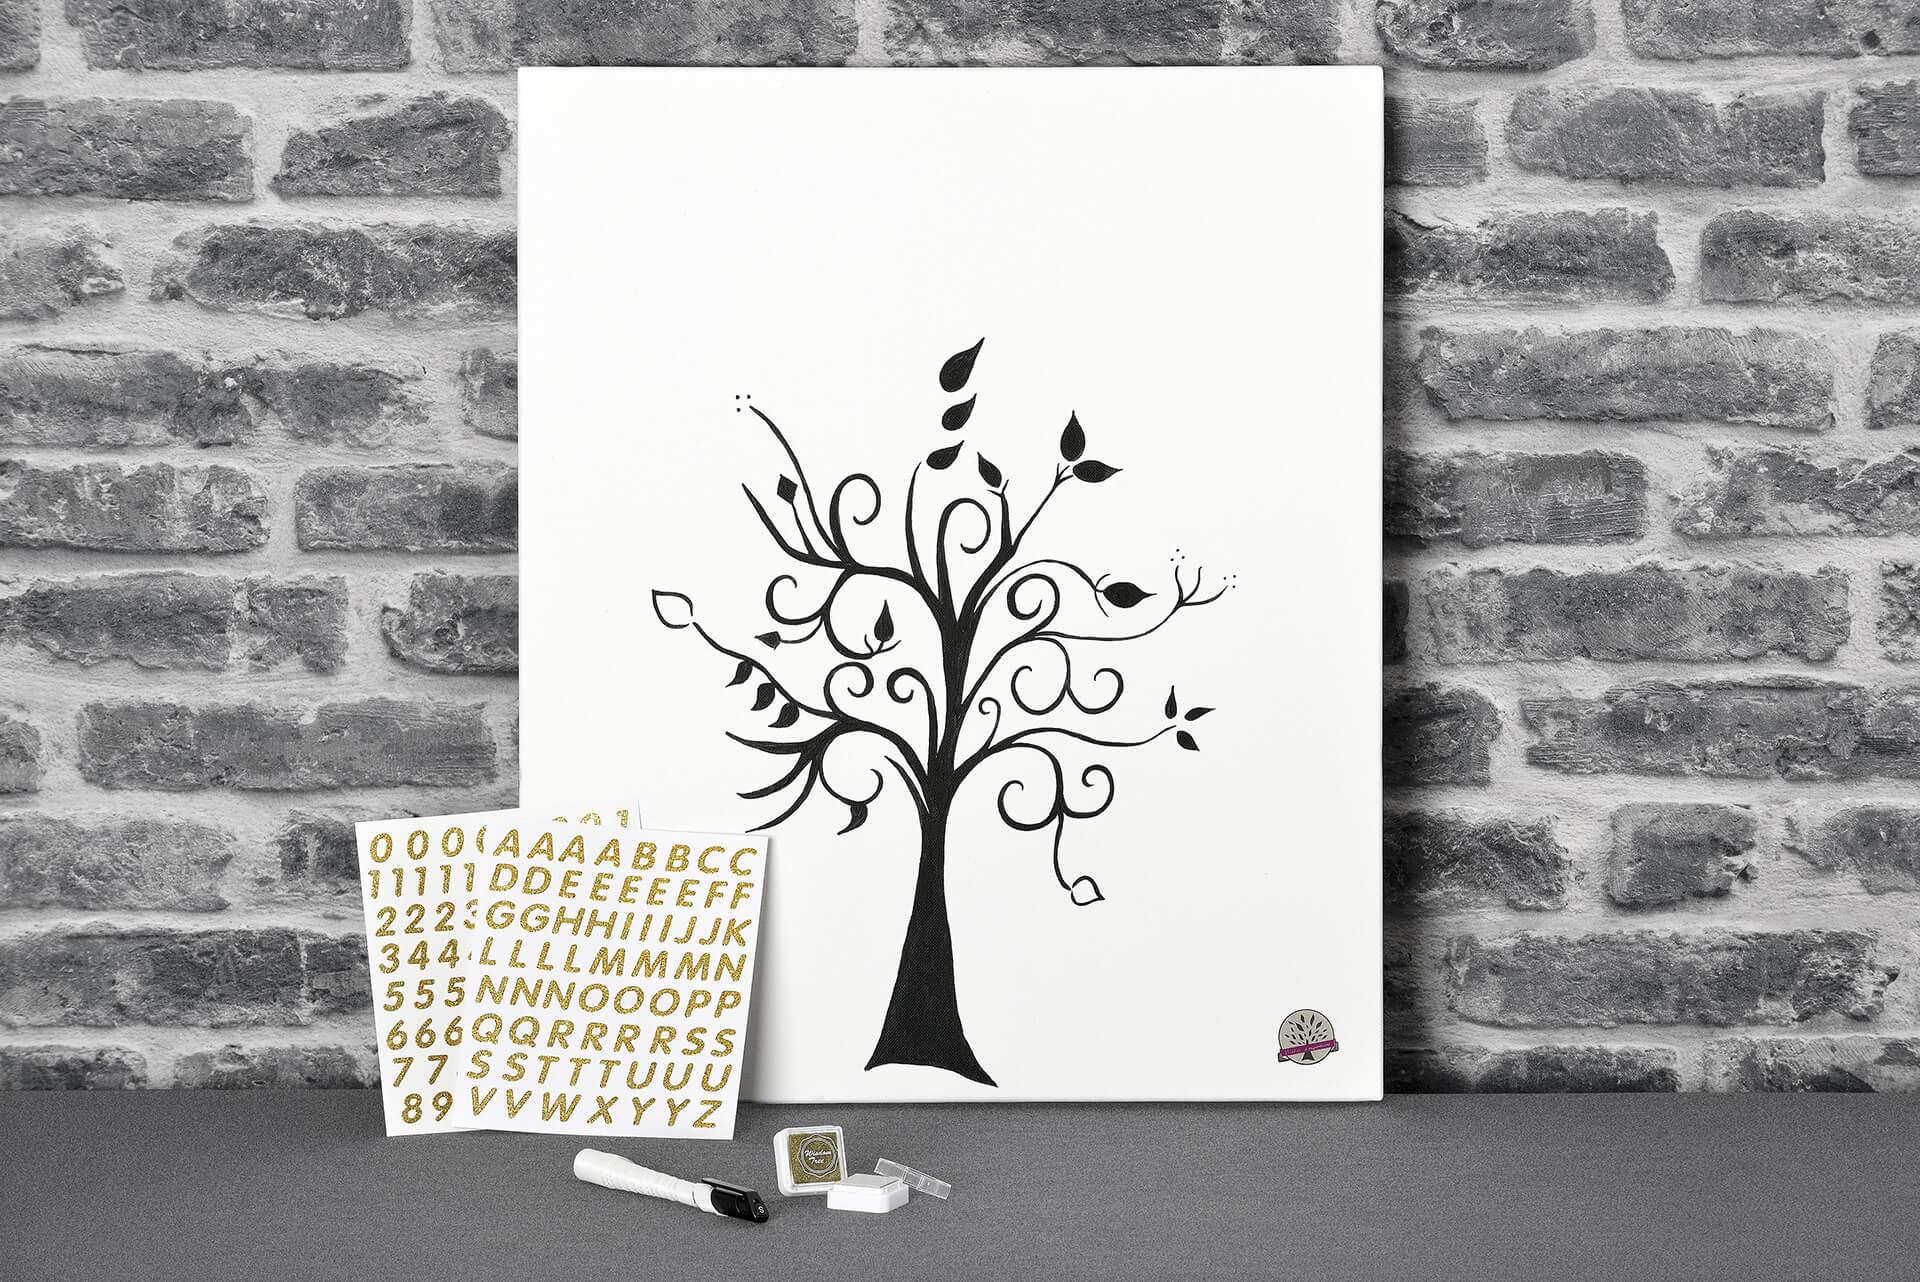 Un événement exceptionnel, un cadeau original, L'arbre à empreinte